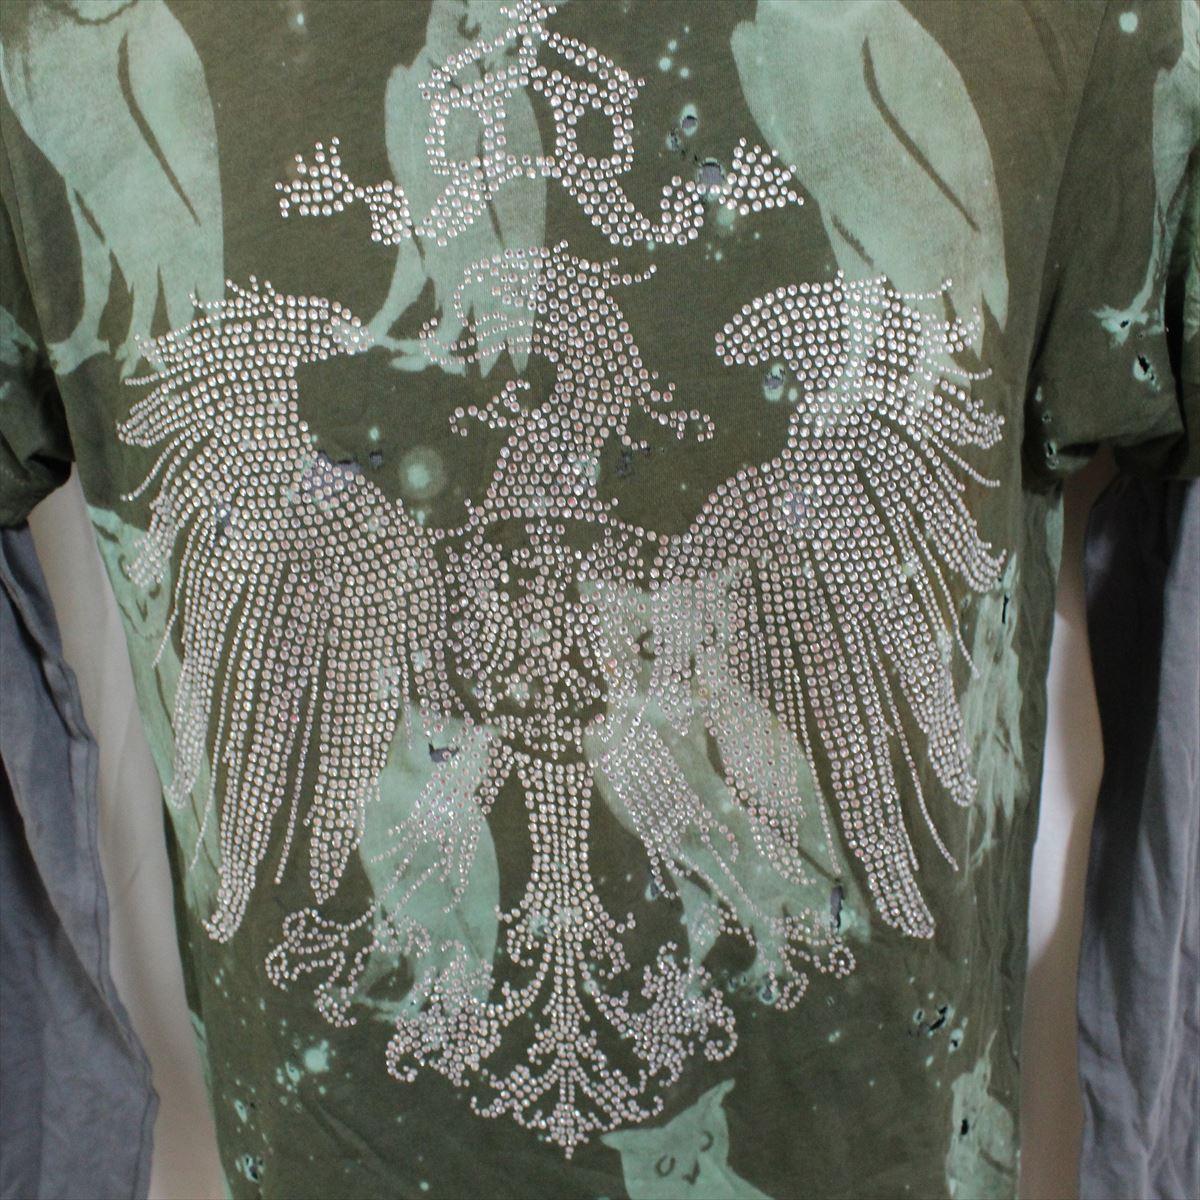 アイコニック ICONIC COUTURE メンズ長袖Tシャツ カーキグリーン Sサイズ 新品 ダブルスリーブ フクロウ アメリカ製_画像2